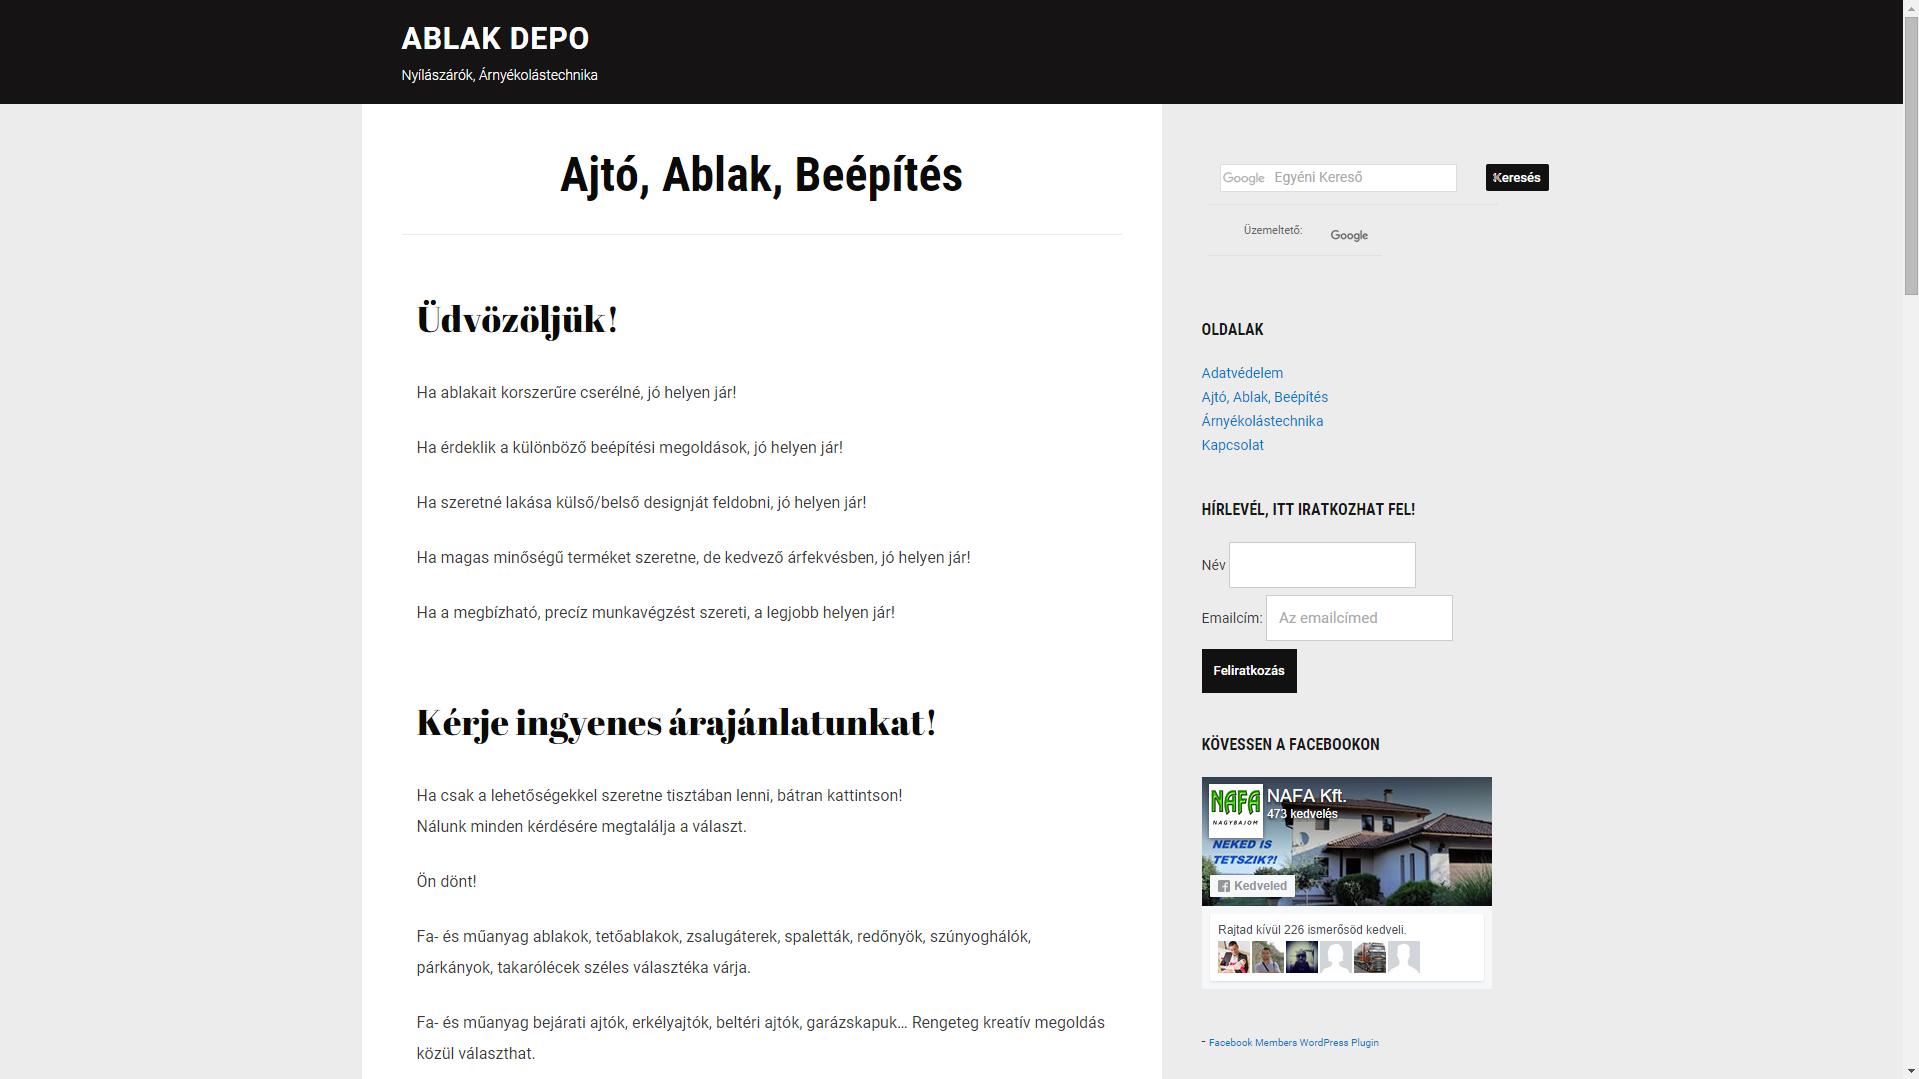 Ablak Depo.hu Nyílászárók, Árnyékolástechnika